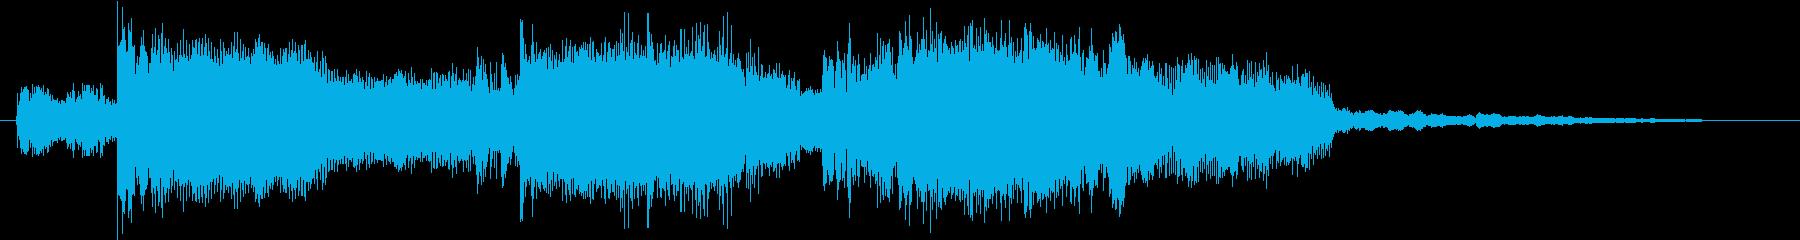 タイミングが合わせやすいエレクトロの再生済みの波形